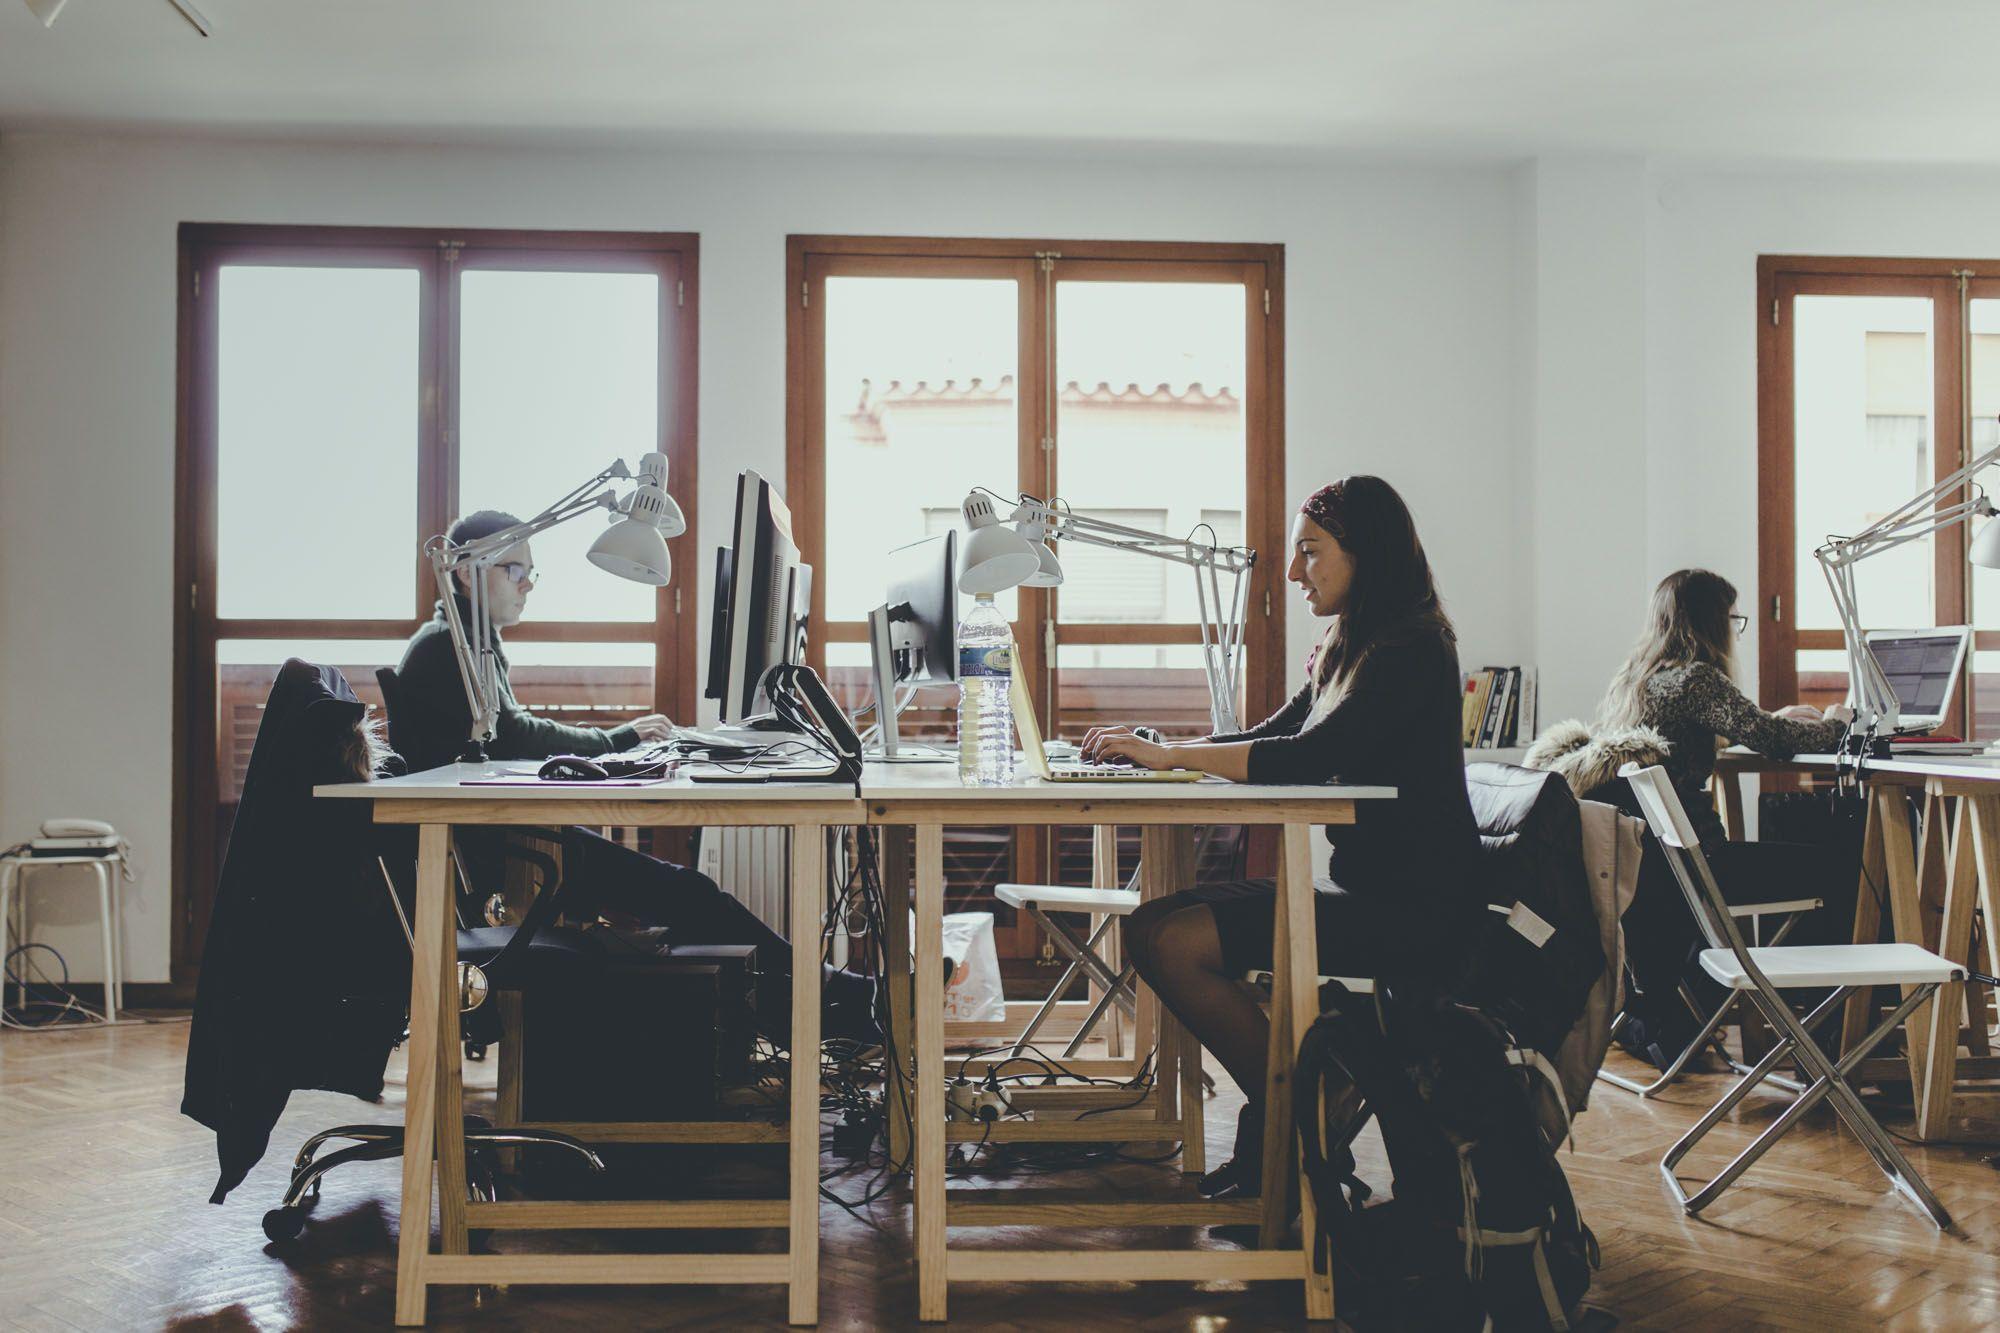 http://workers.es/    Coworking en Castellon para emprendedores y start ups    Workers es un coworking en Castellón con despachos y puestos individuales para emprendedores, autónomos, start ups o empresas con equipo. En estas oficinas del centro de Castellón, hacemos crecer nuestros negocios juntos, creando una comunidad que trabaja tanto como se divierte.    #coworking, #coworkingcastellon, #oficinasenCastellon